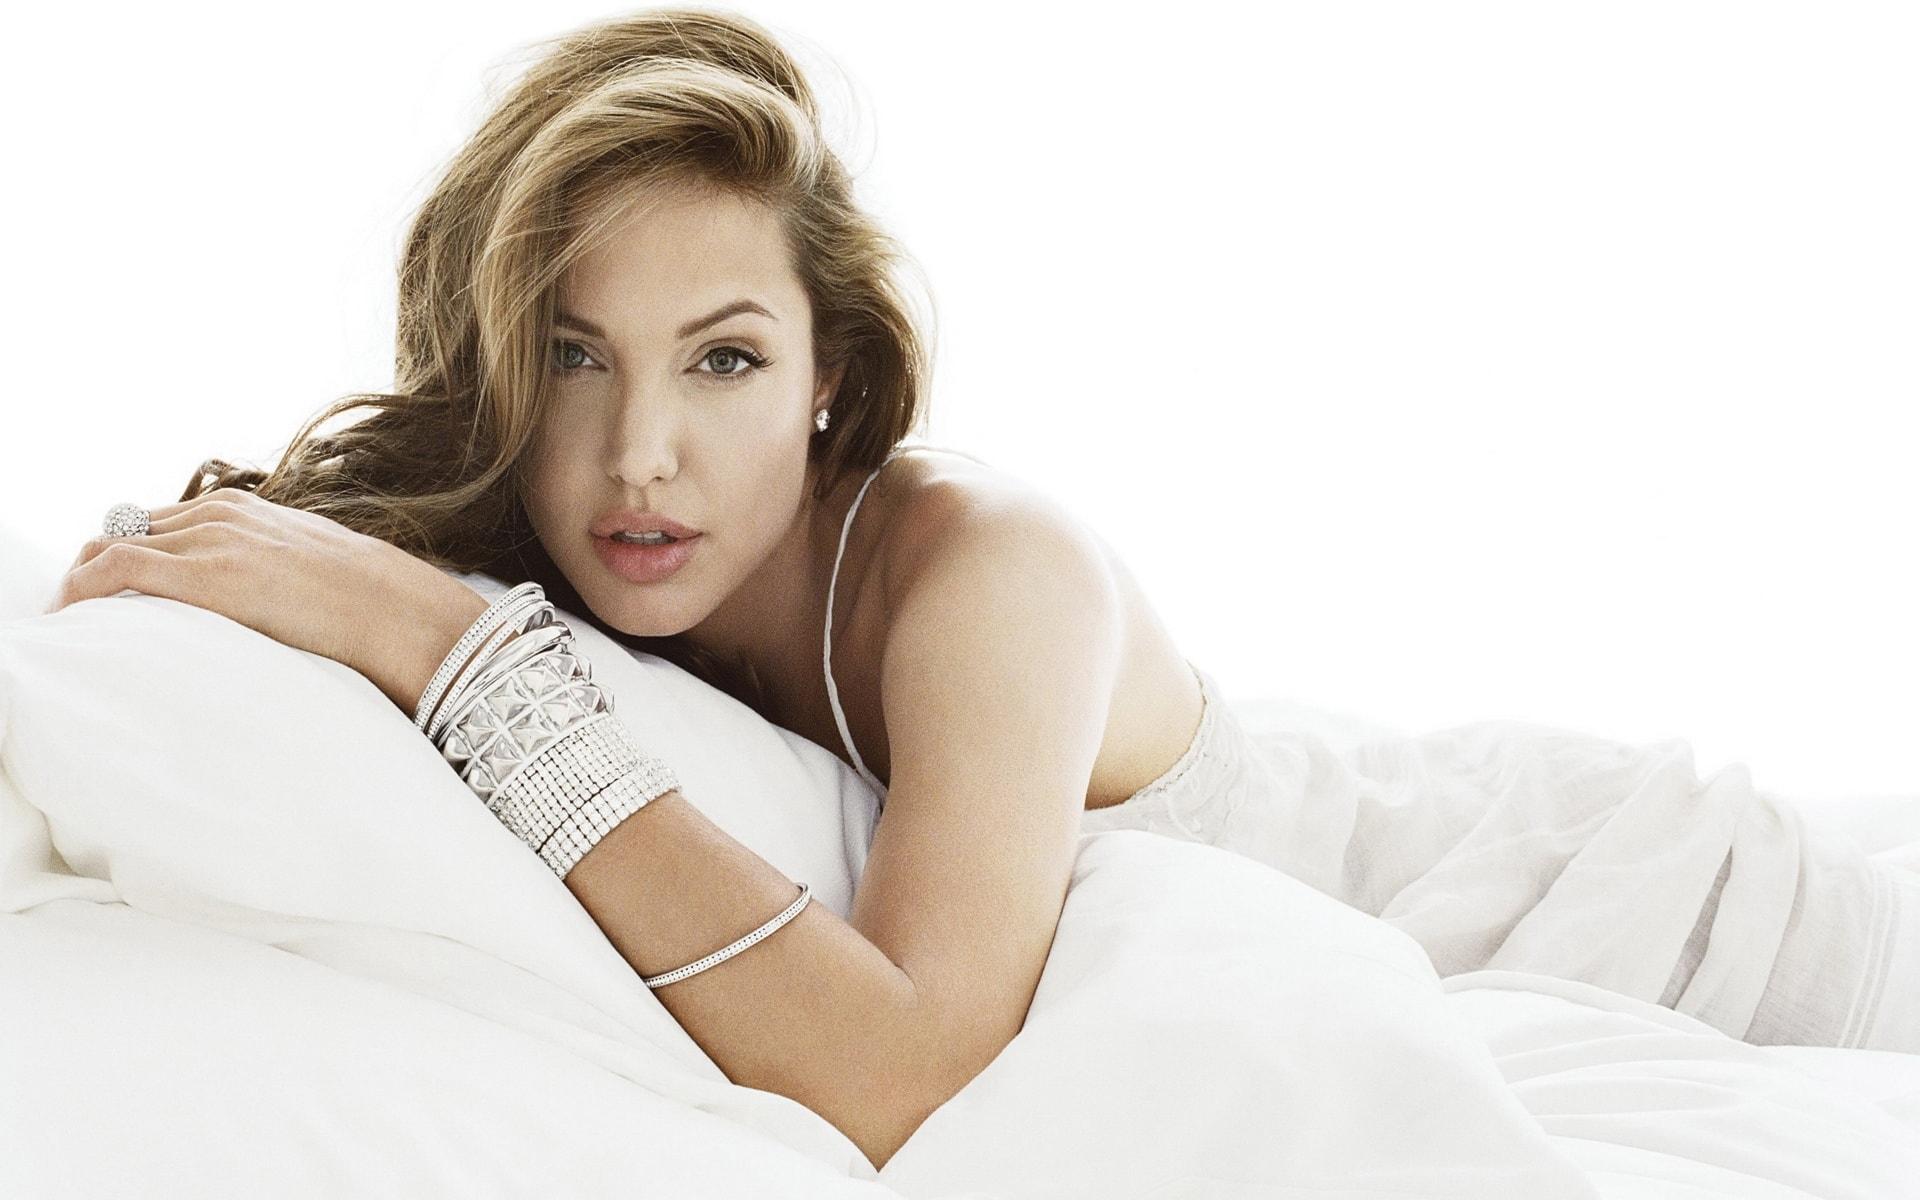 Angelina Jolie Desktop wallpapers